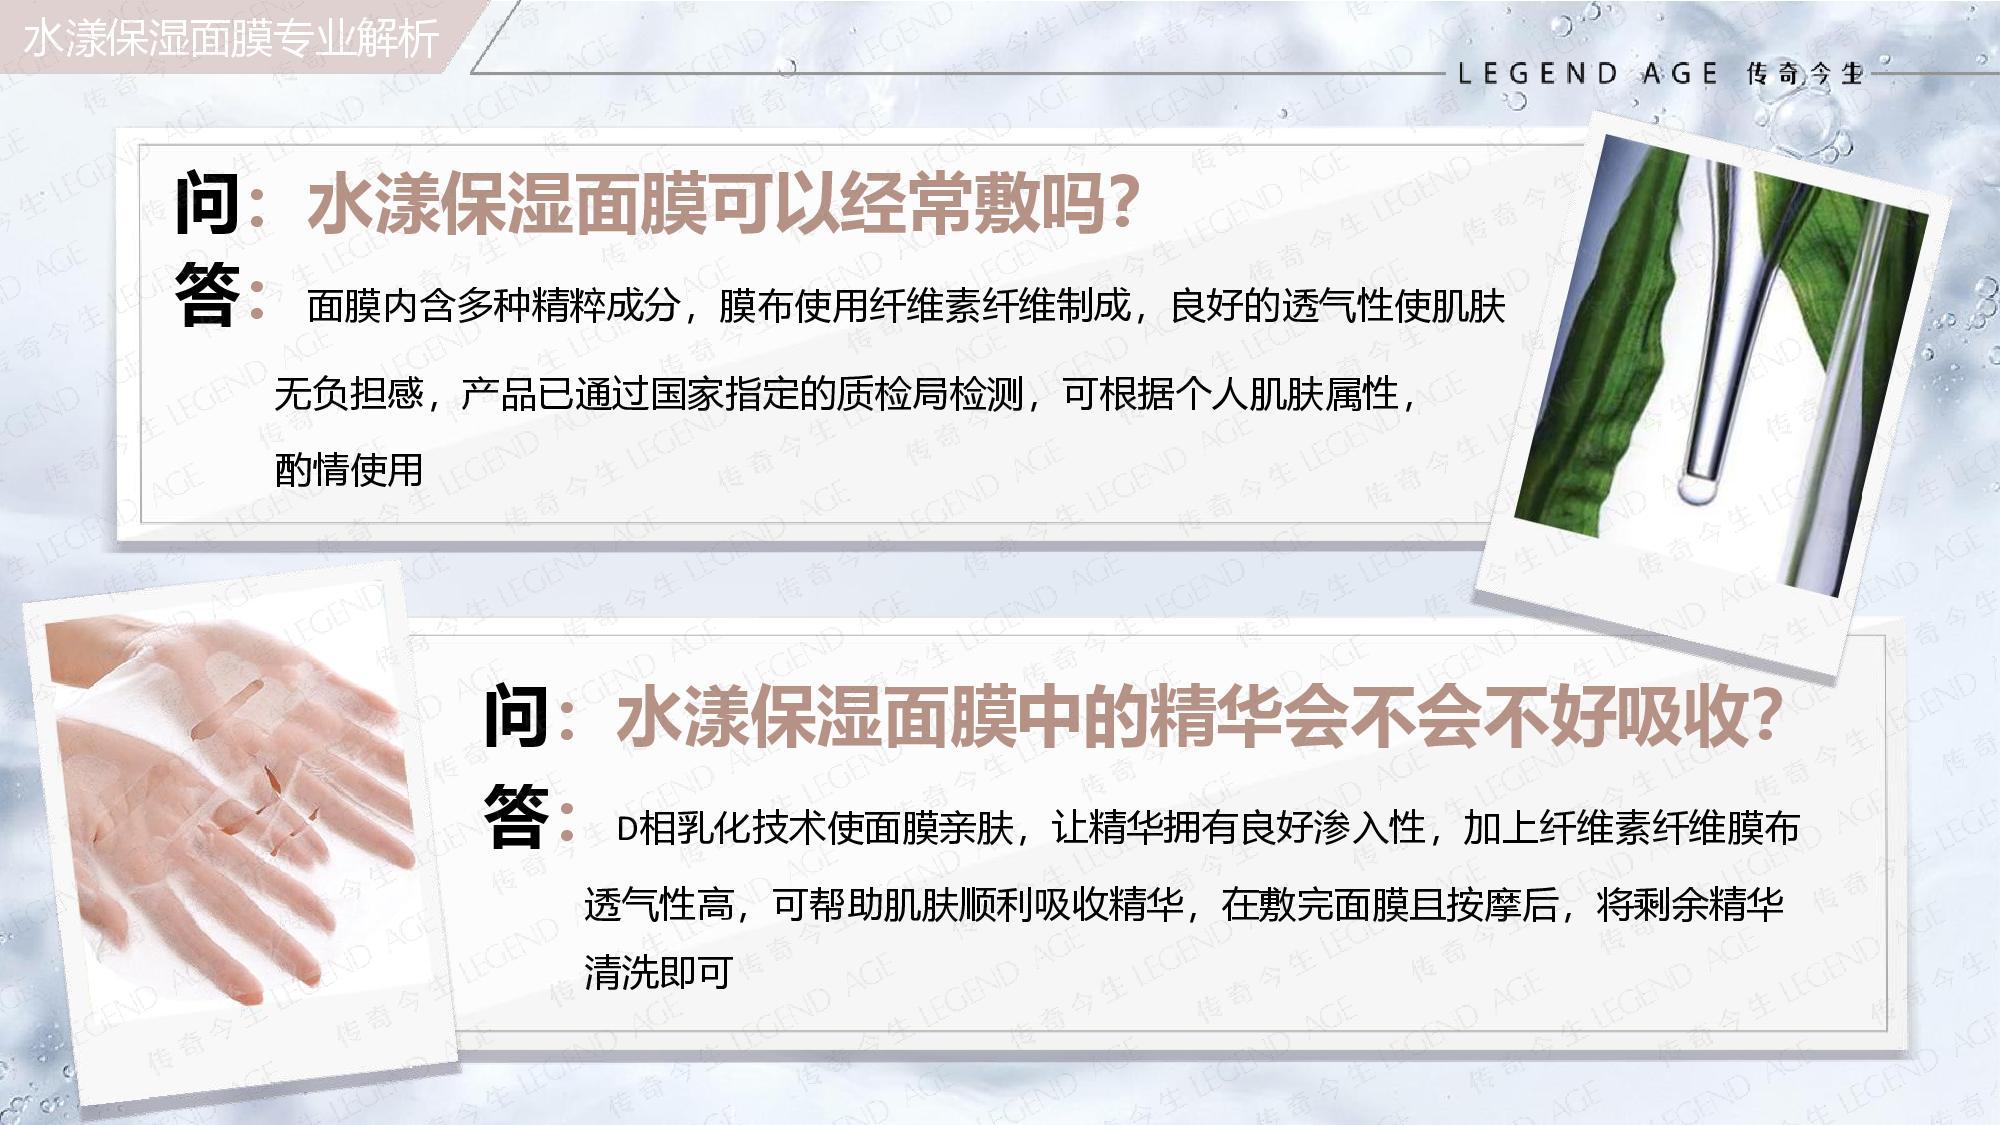 传奇今生水漾保湿面膜产品介绍20201112(1)-page-039.jpg